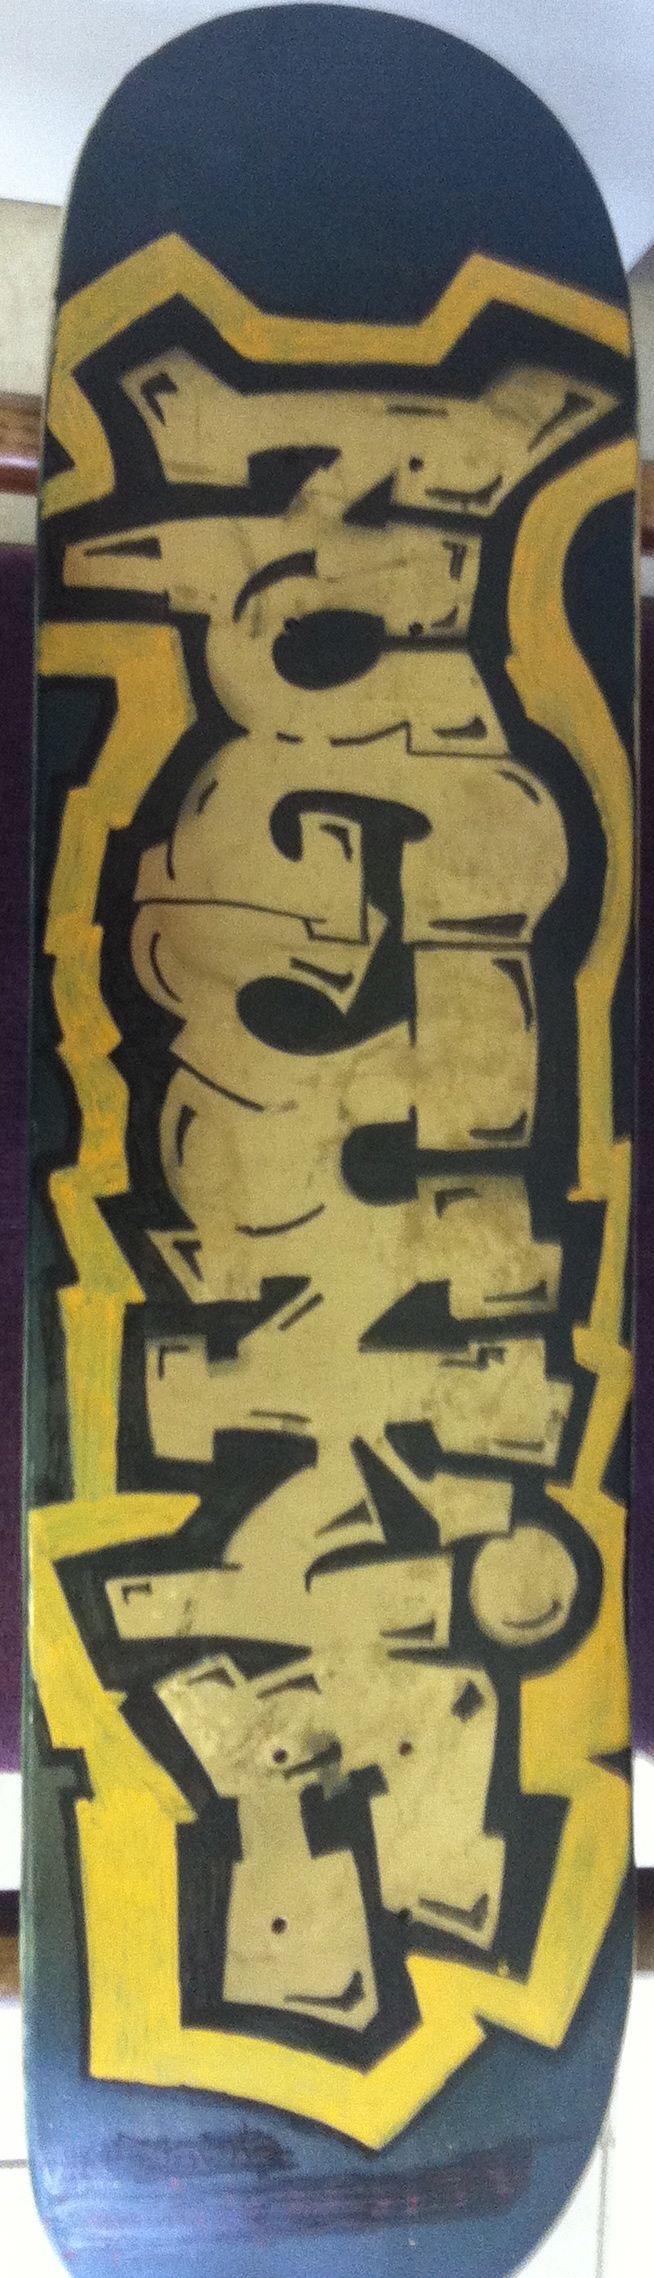 hand painted  nugjunkie skate board 90.00